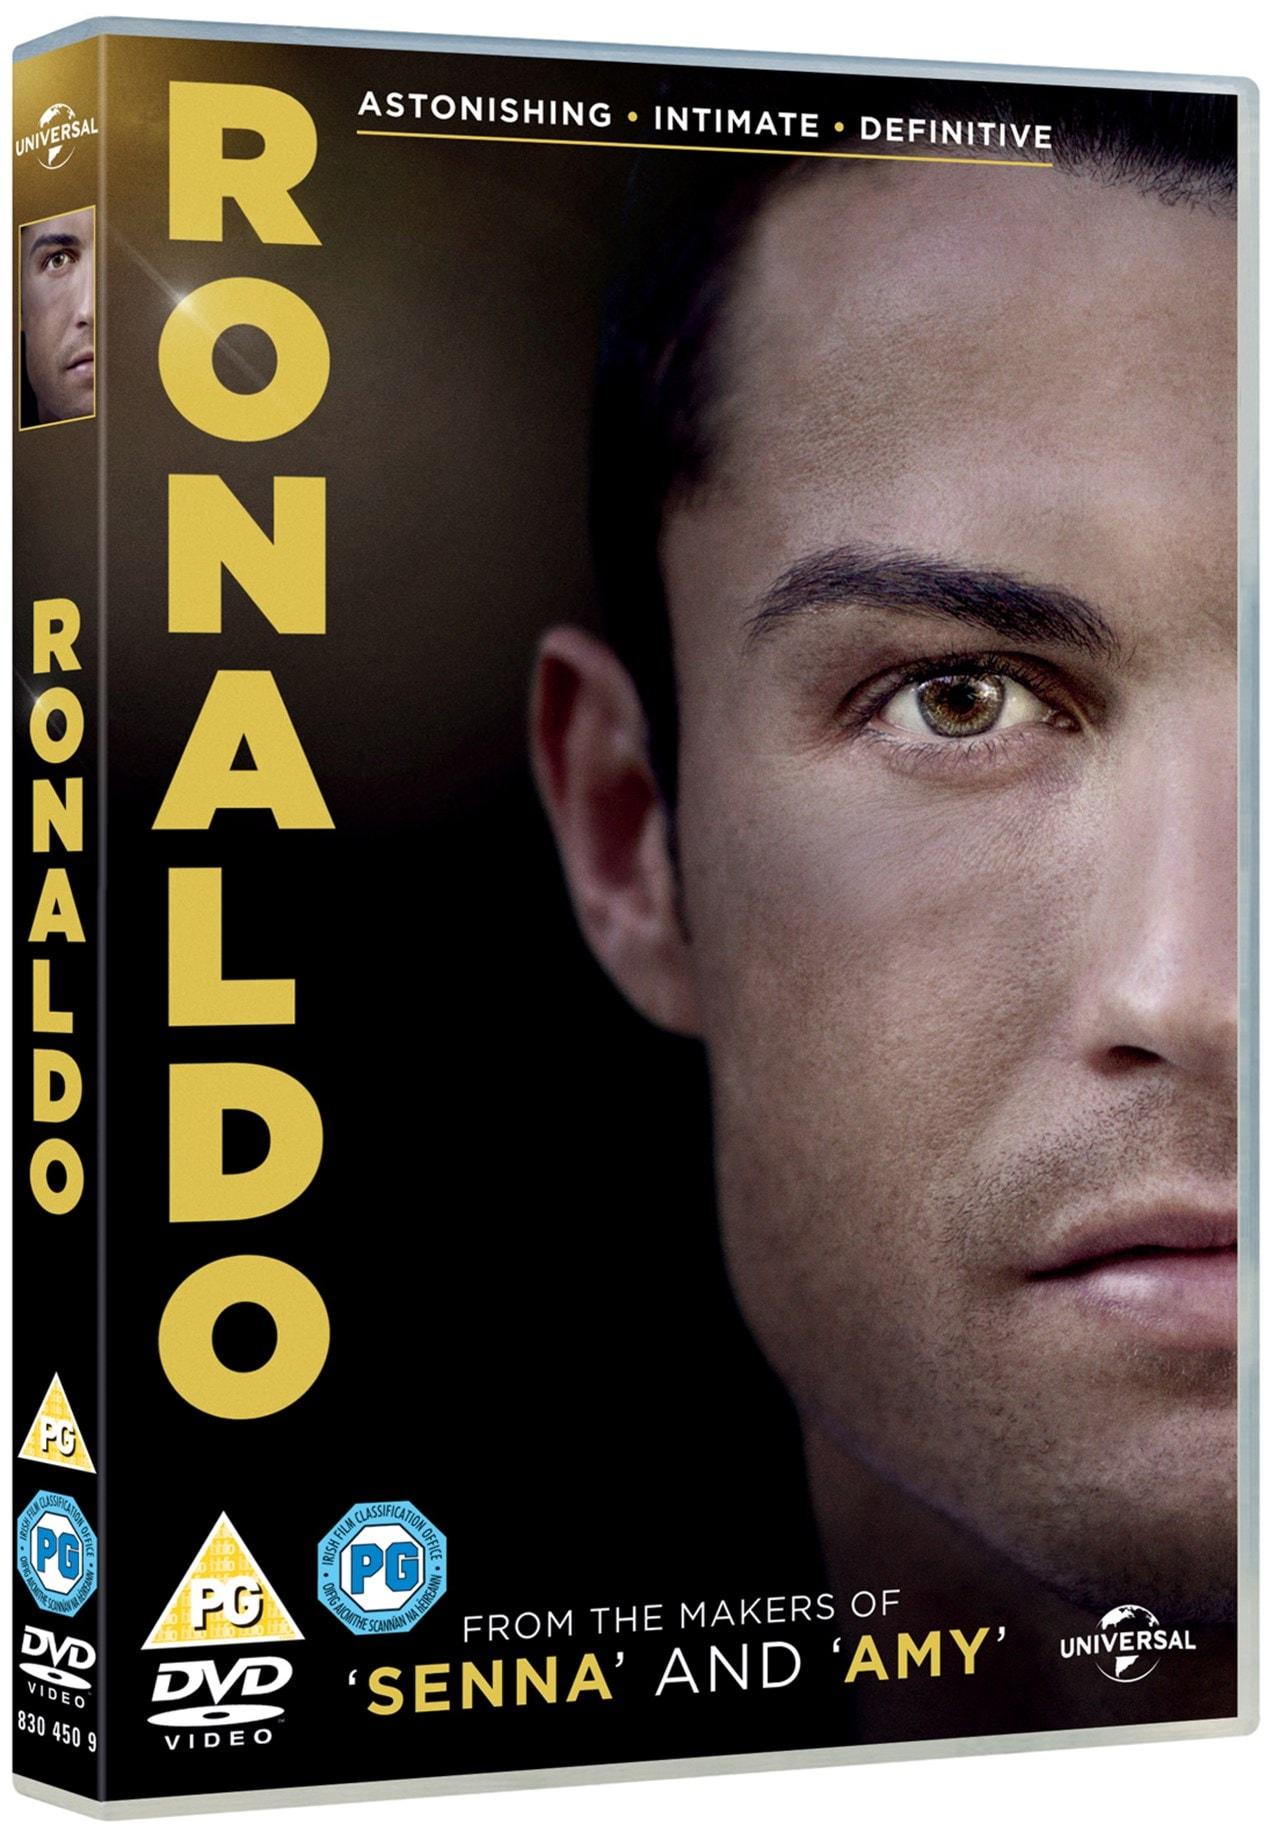 Ronaldo - 2